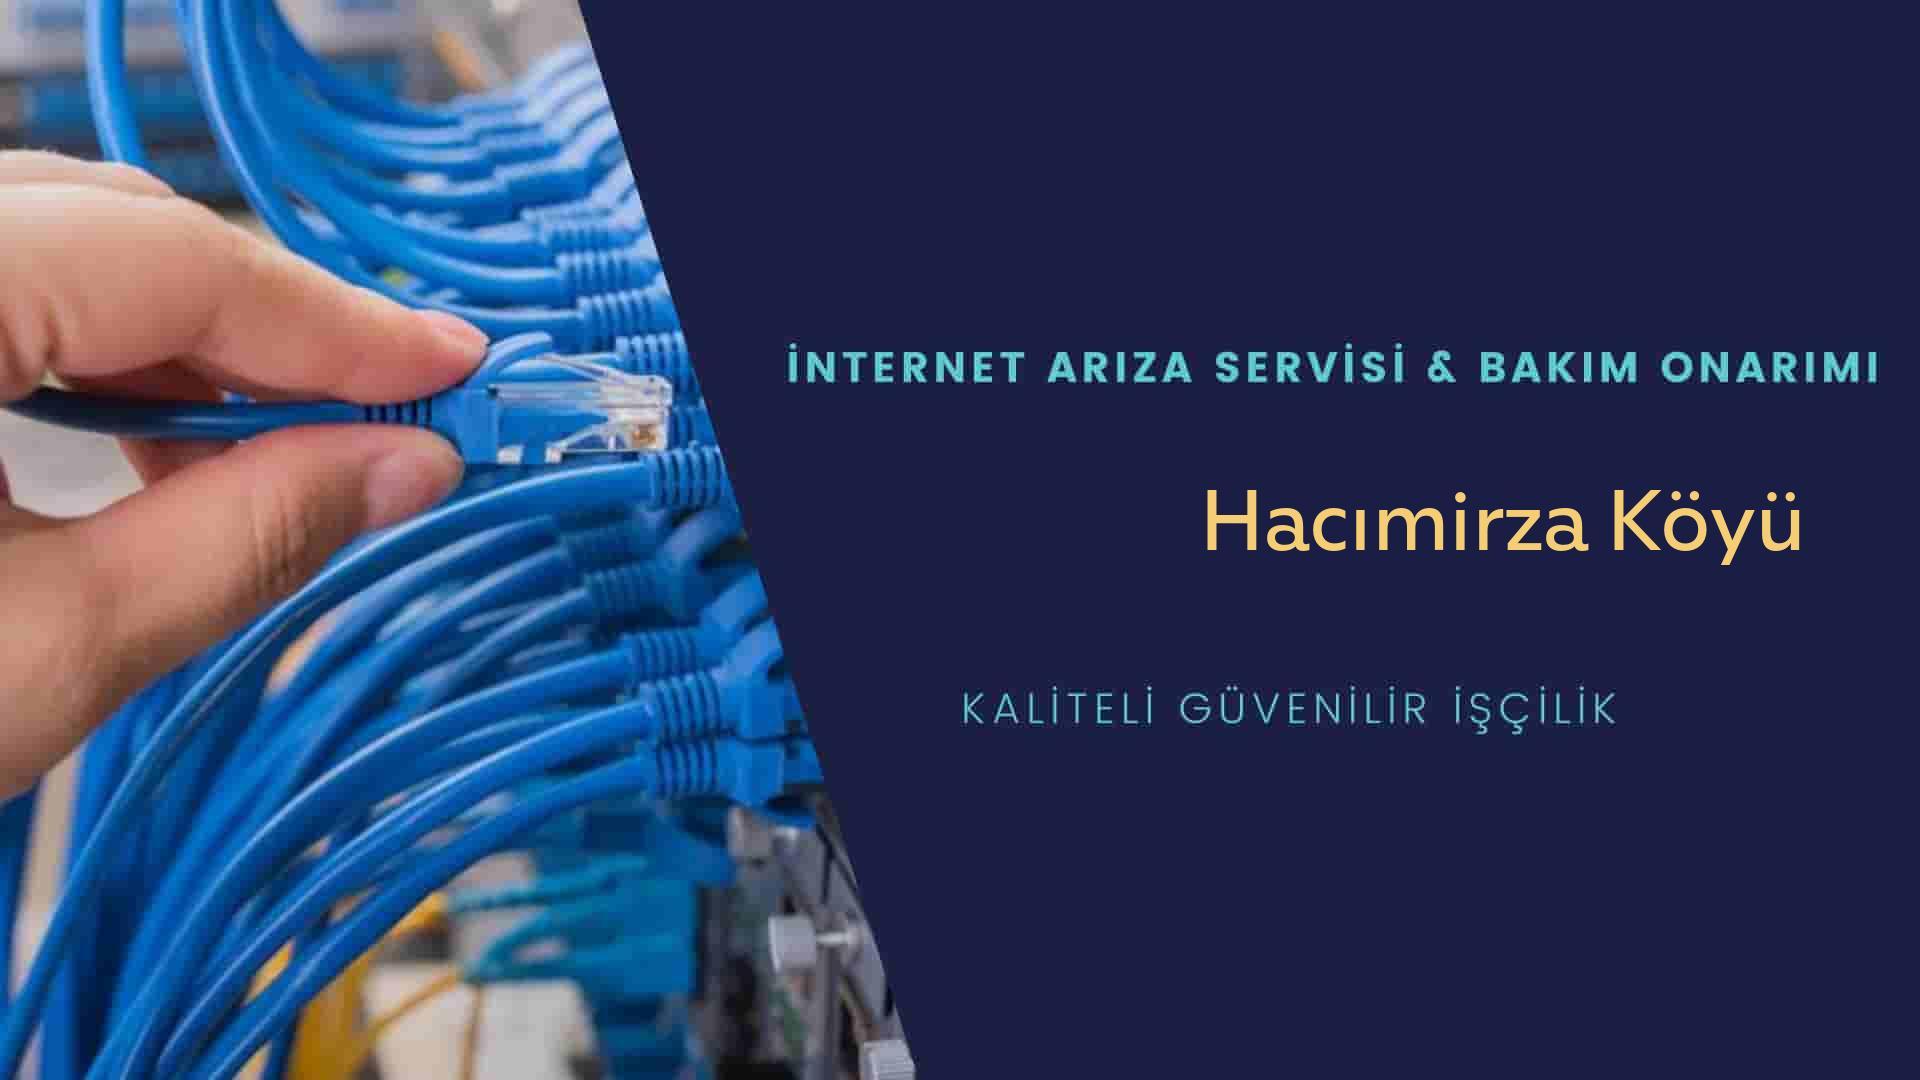 Hacımirza Köyü internet kablosu çekimi yapan yerler veya elektrikçiler mi? arıyorsunuz doğru yerdesiniz o zaman sizlere 7/24 yardımcı olacak profesyonel ustalarımız bir telefon kadar yakındır size.